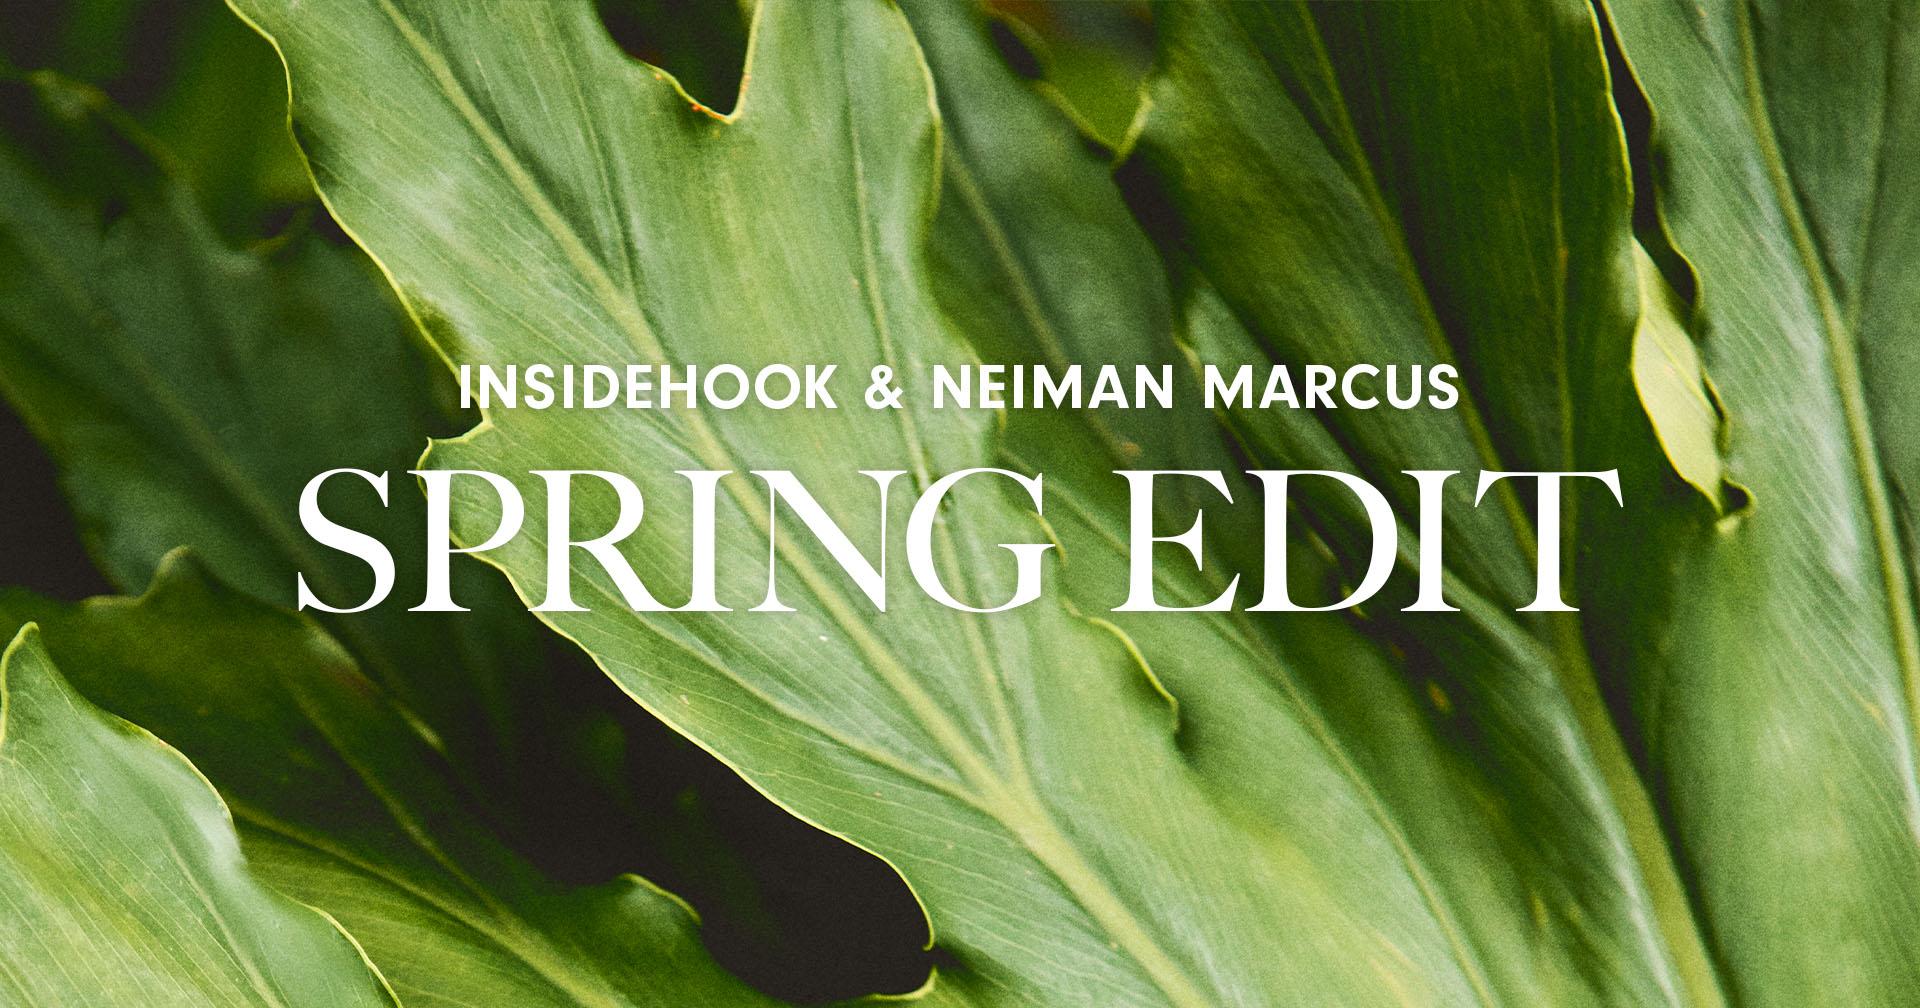 neiman marcus spring edit